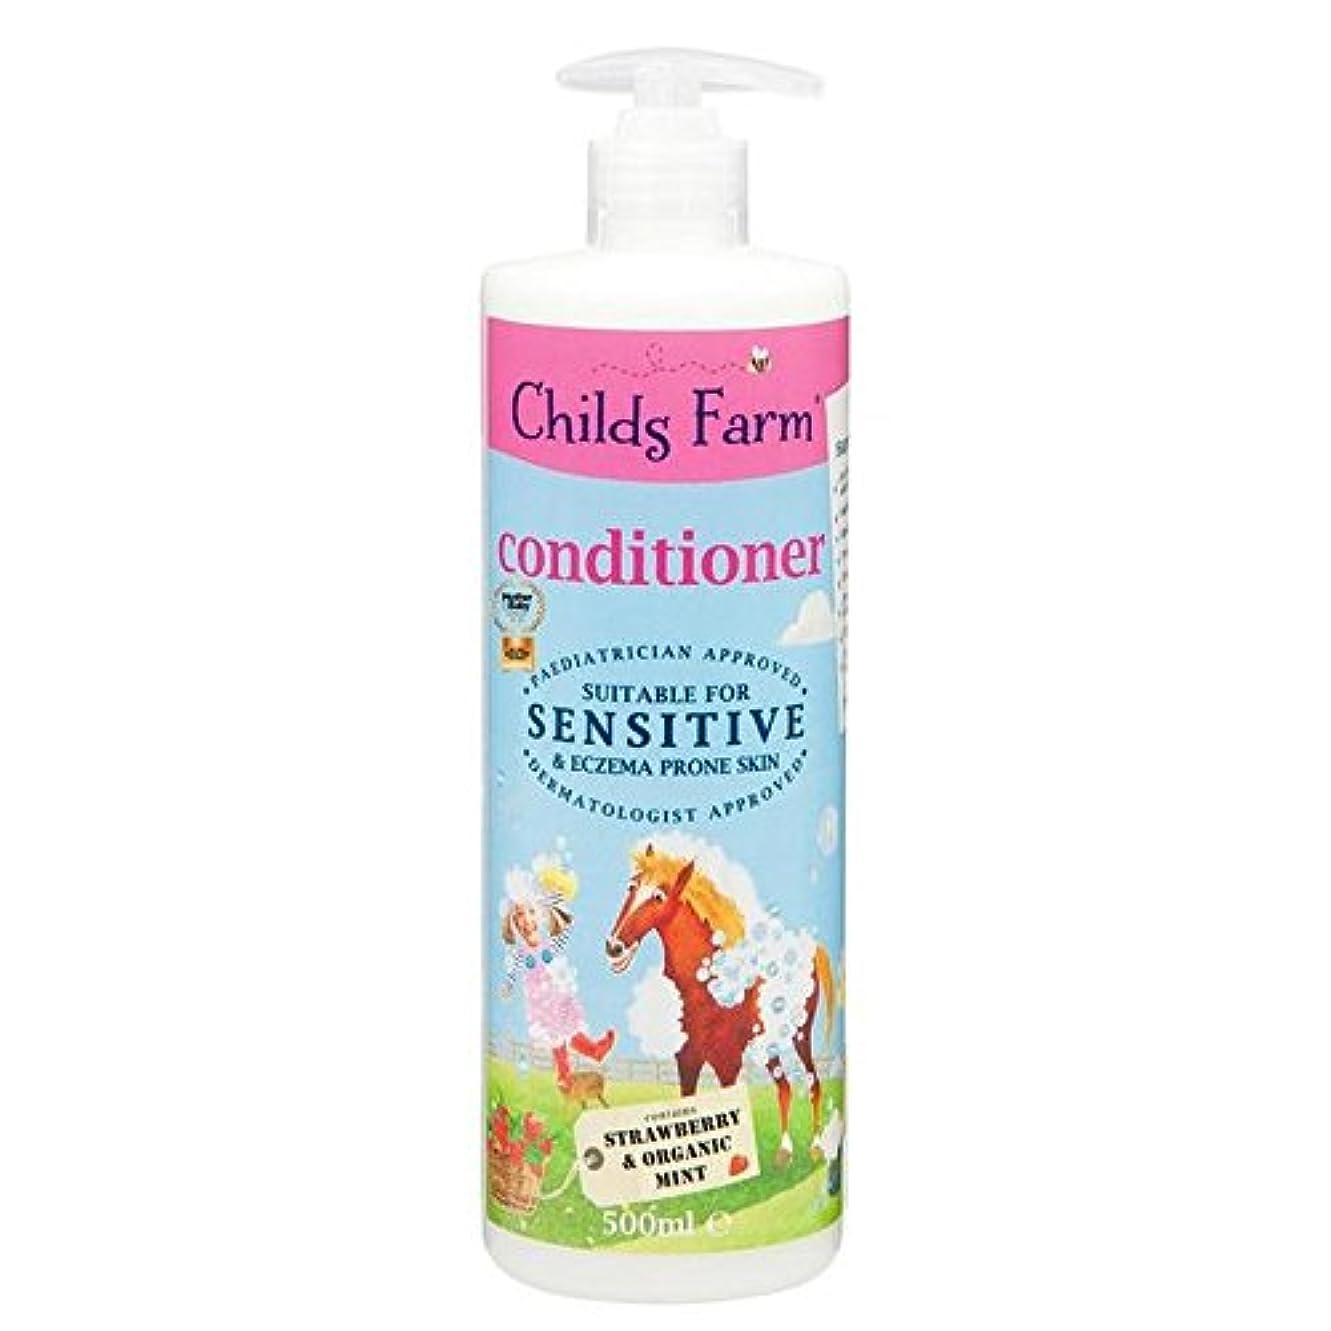 静かな晴れ傷つきやすいChilds Farm Conditioner for Unruly Hair 500ml (Pack of 6) - 手に負えない髪の500ミリリットルのためのチャイルズファームコンディショナー x6 [並行輸入品]